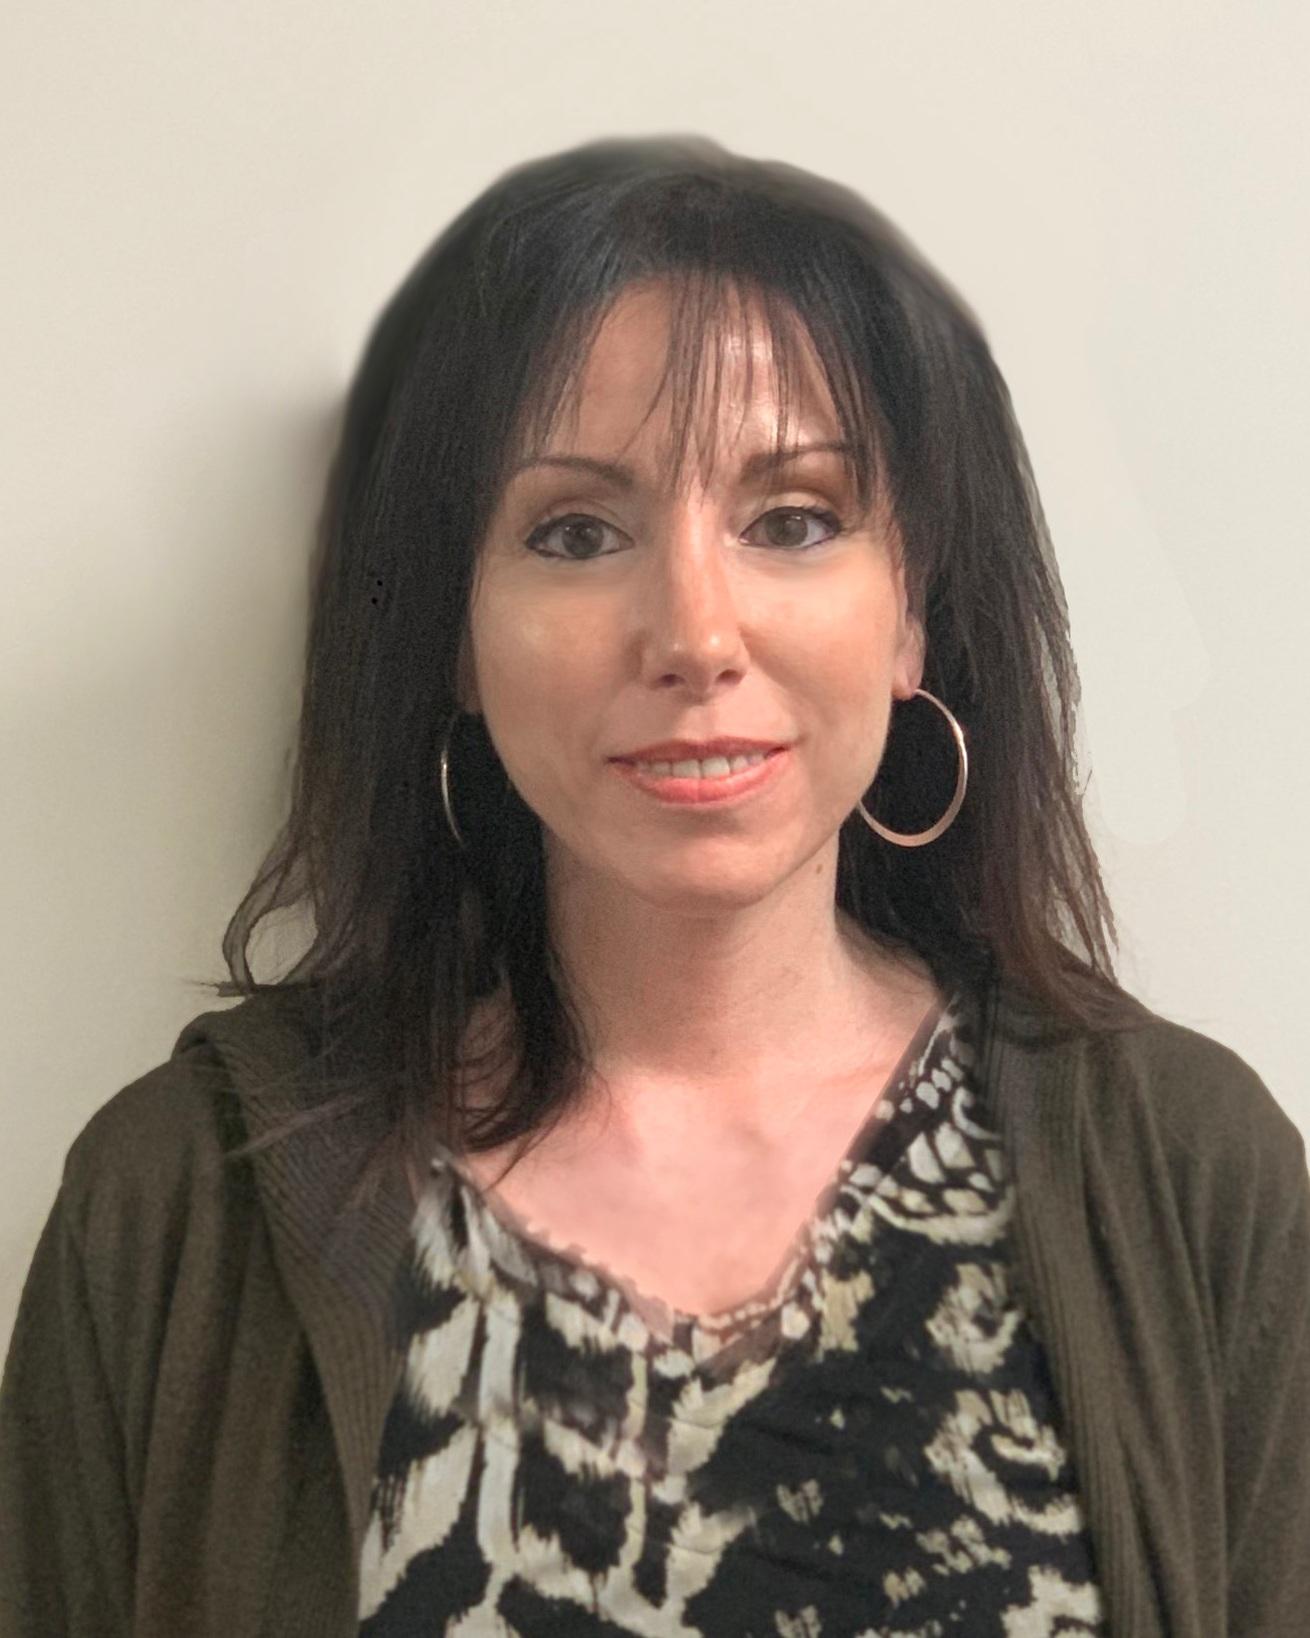 杰奎琳    英语教师   她拥有英语博士学历,现任大学教授,拥有十余年教学经验